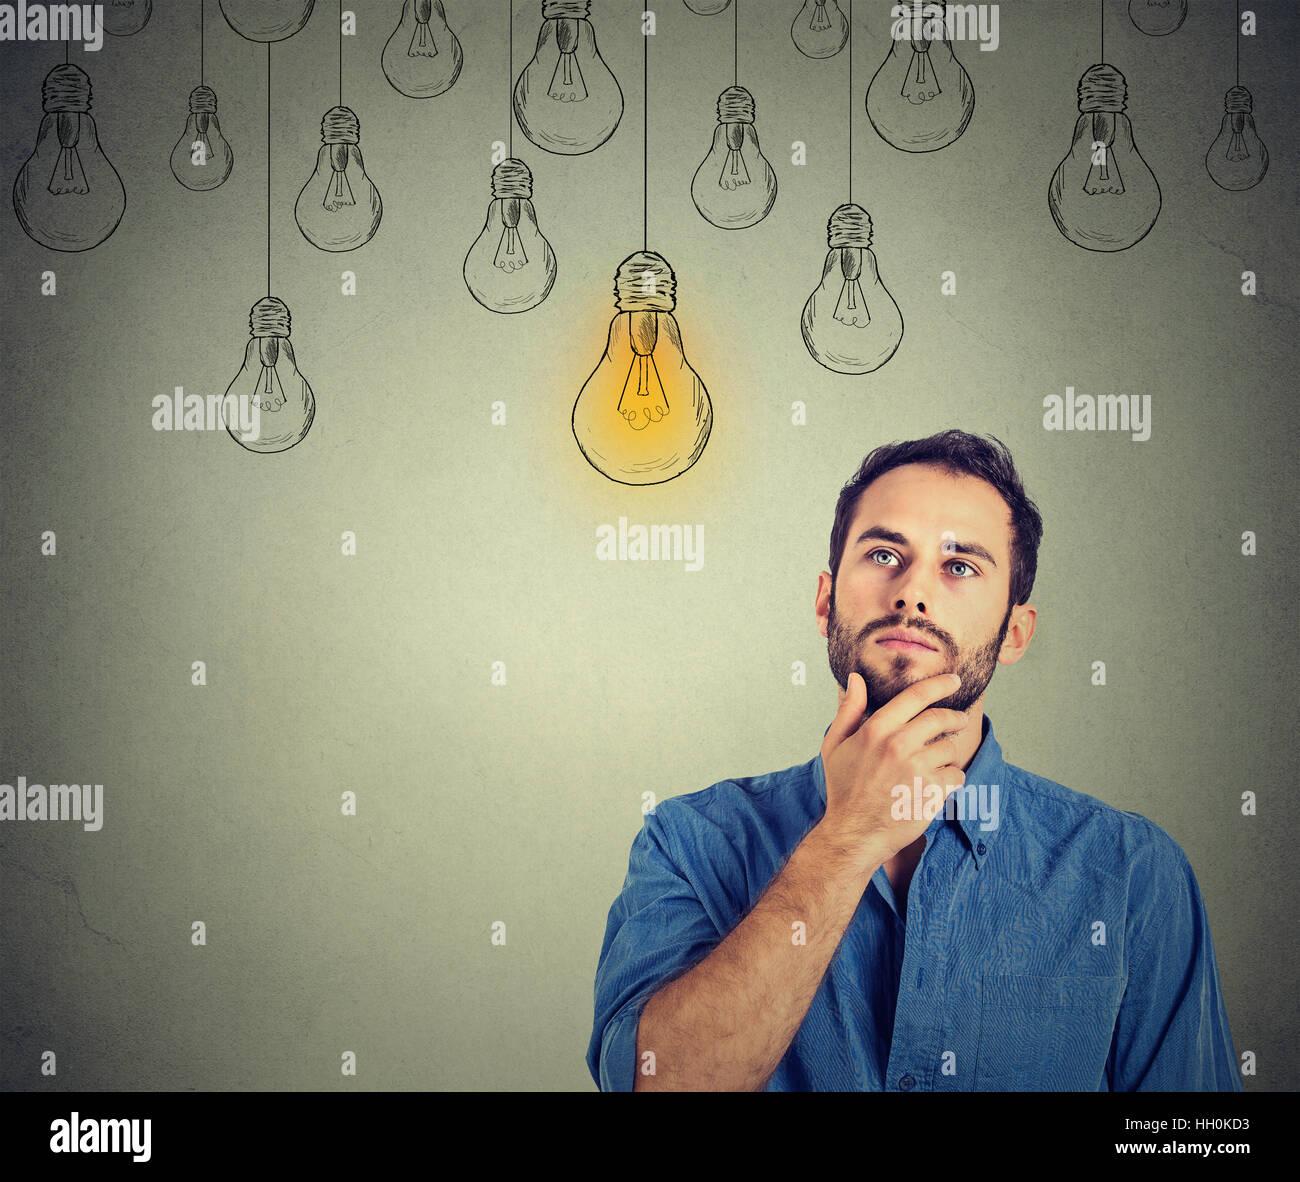 El pensamiento vertical apuesto hombre mirando hacia arriba con la idea de la bombilla encima de la cabeza gris Imagen De Stock